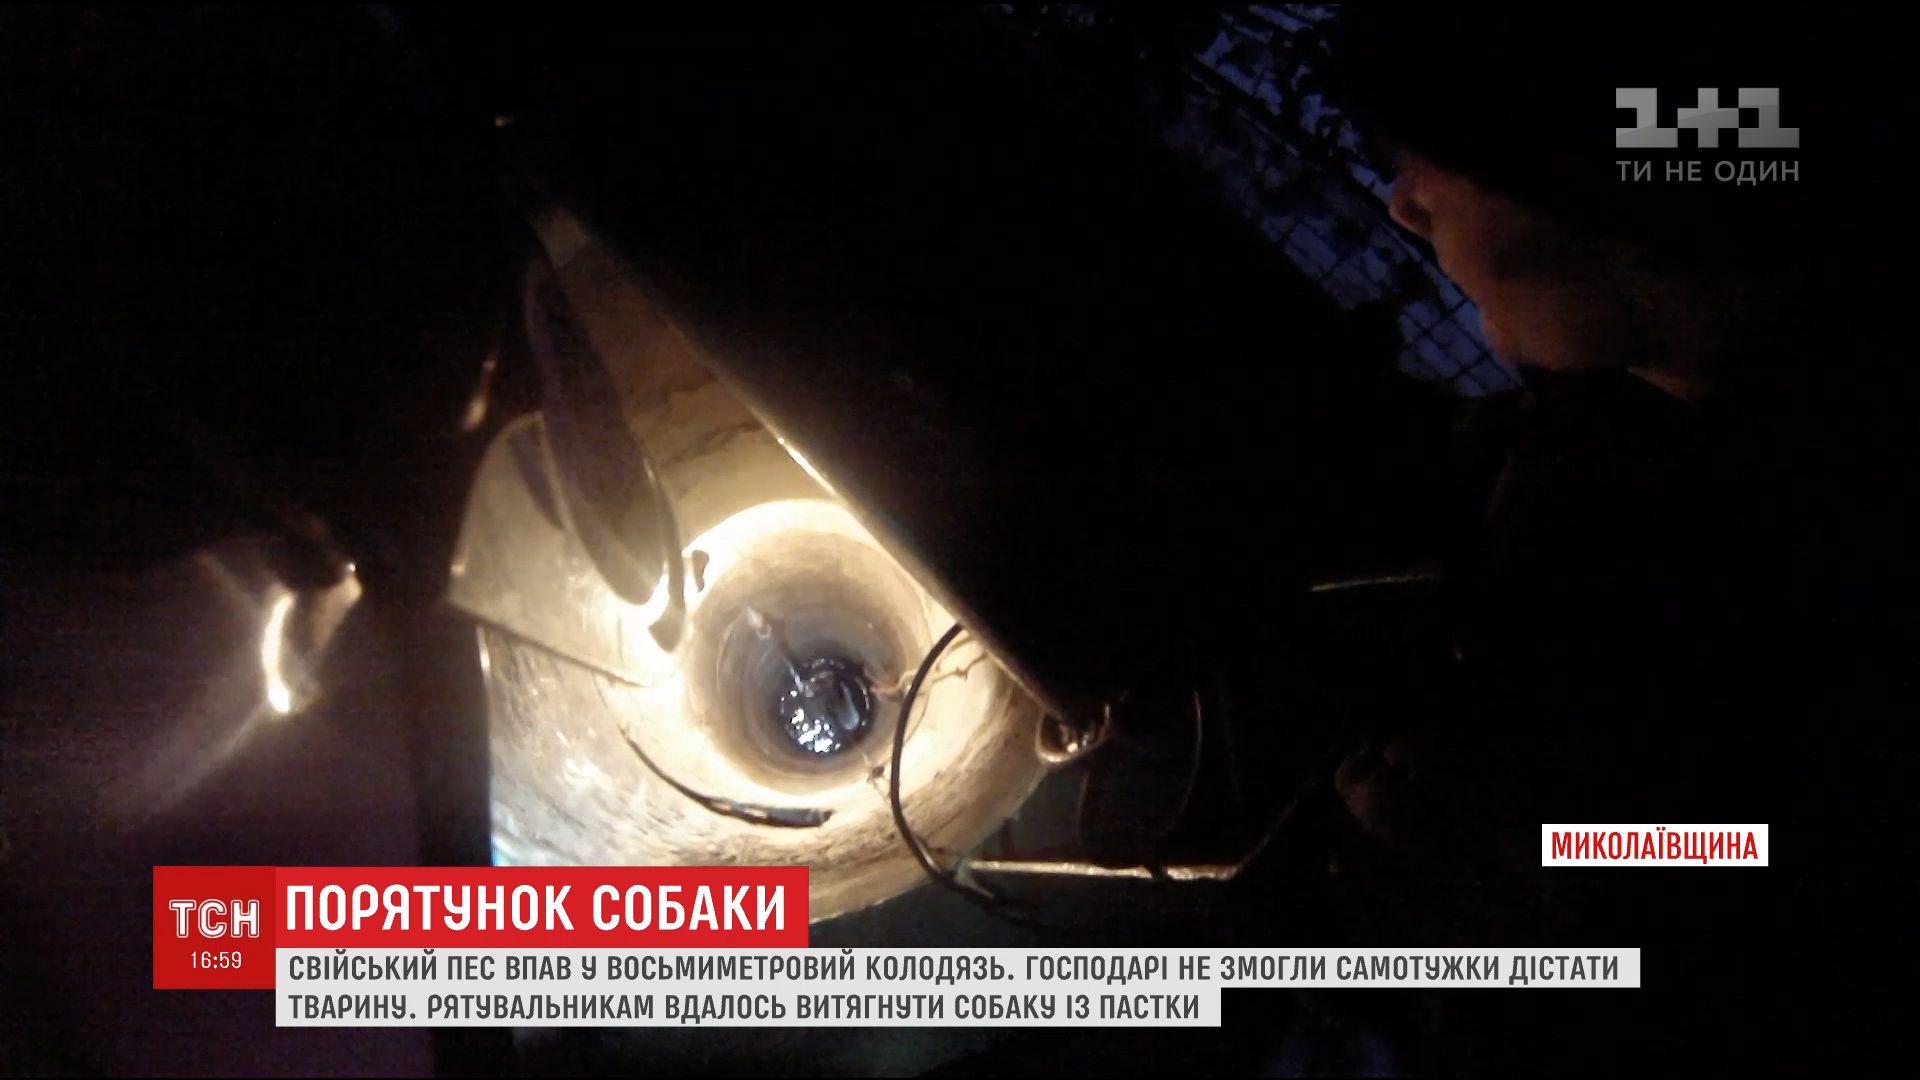 На Николаевщине собака упала в 8-метровый колодец с водой /